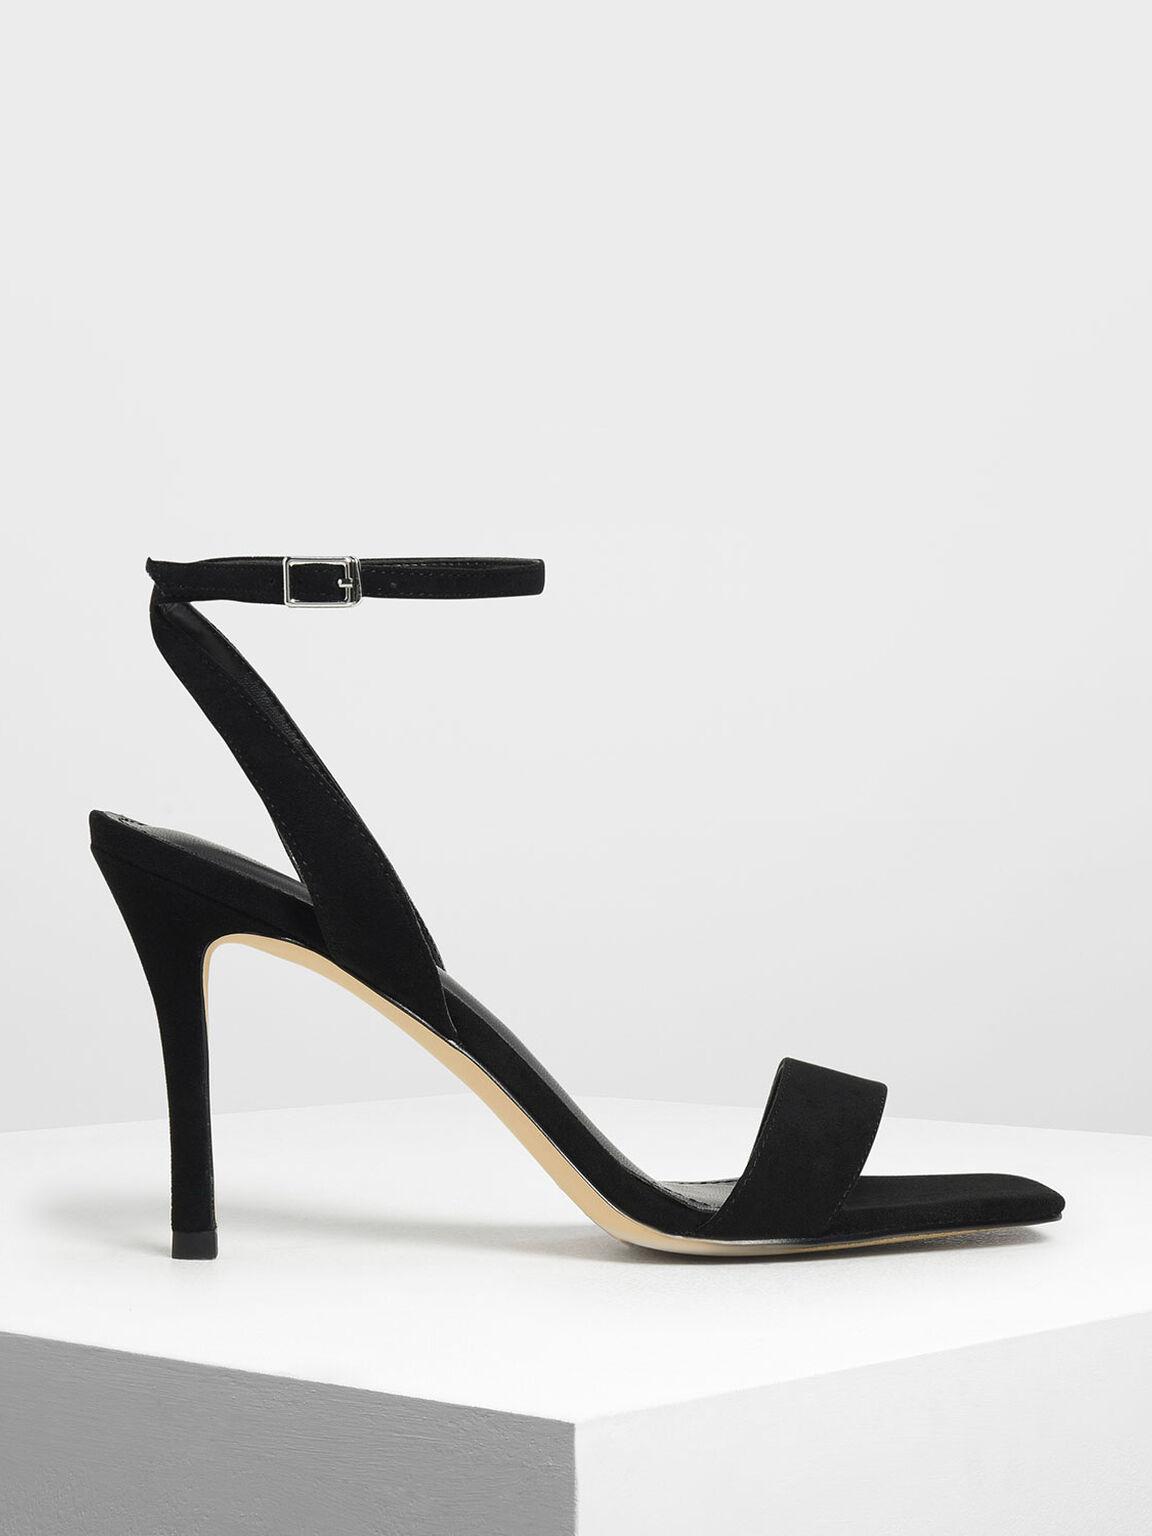 Open Toe Ankle Strap Stiletto Sandals, Black, hi-res